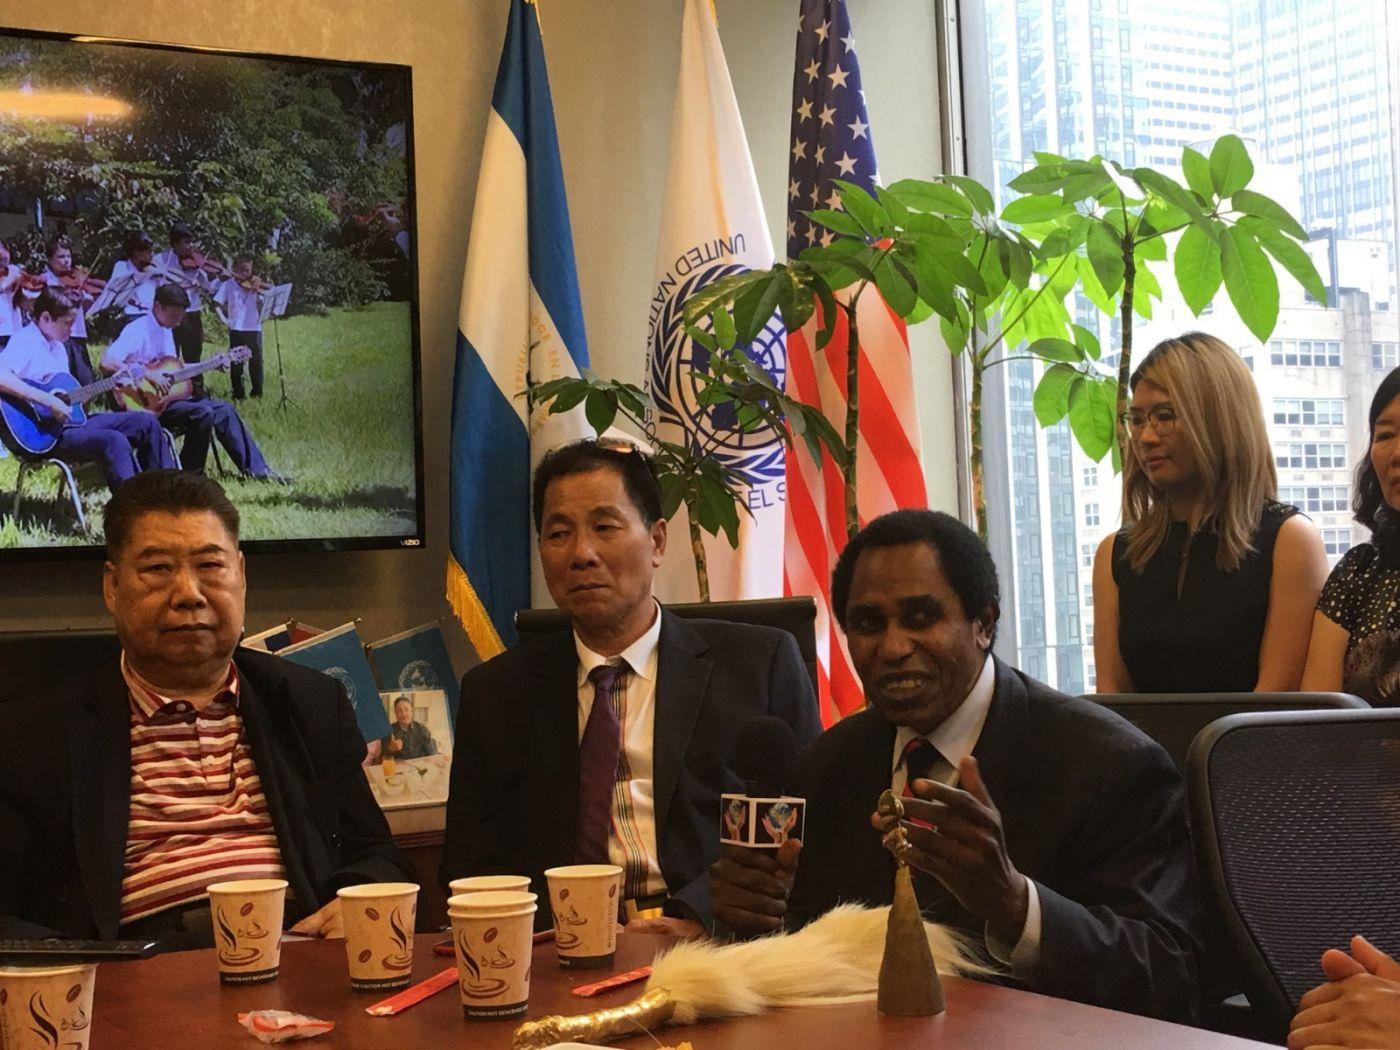 聯合國中華媽祖文化發展基金會受邀参加聯合國納尔遜.曼德拉国际日的一系列活动 ..._图1-21